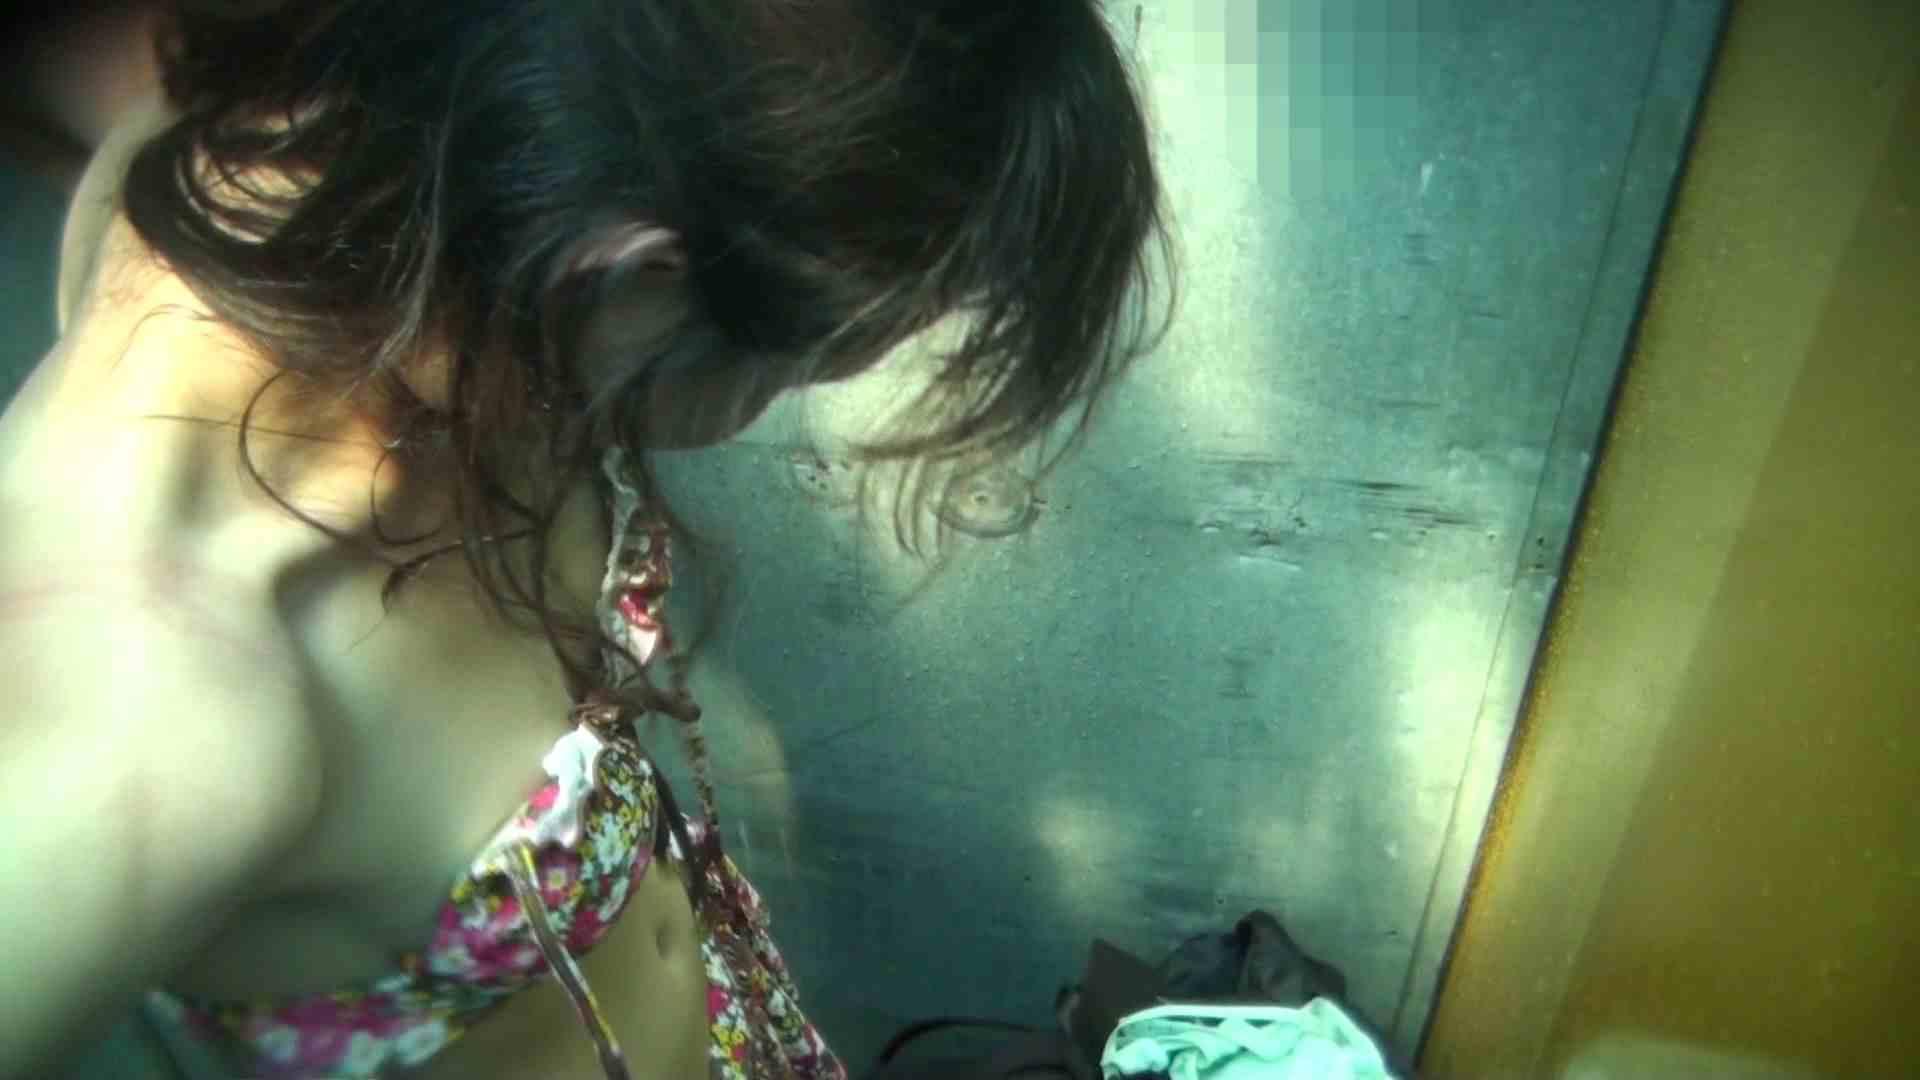 シャワールームは超!!危険な香りVol.16 意外に乳首は年増のそれ 乳首 おめこ無修正画像 97pic 28